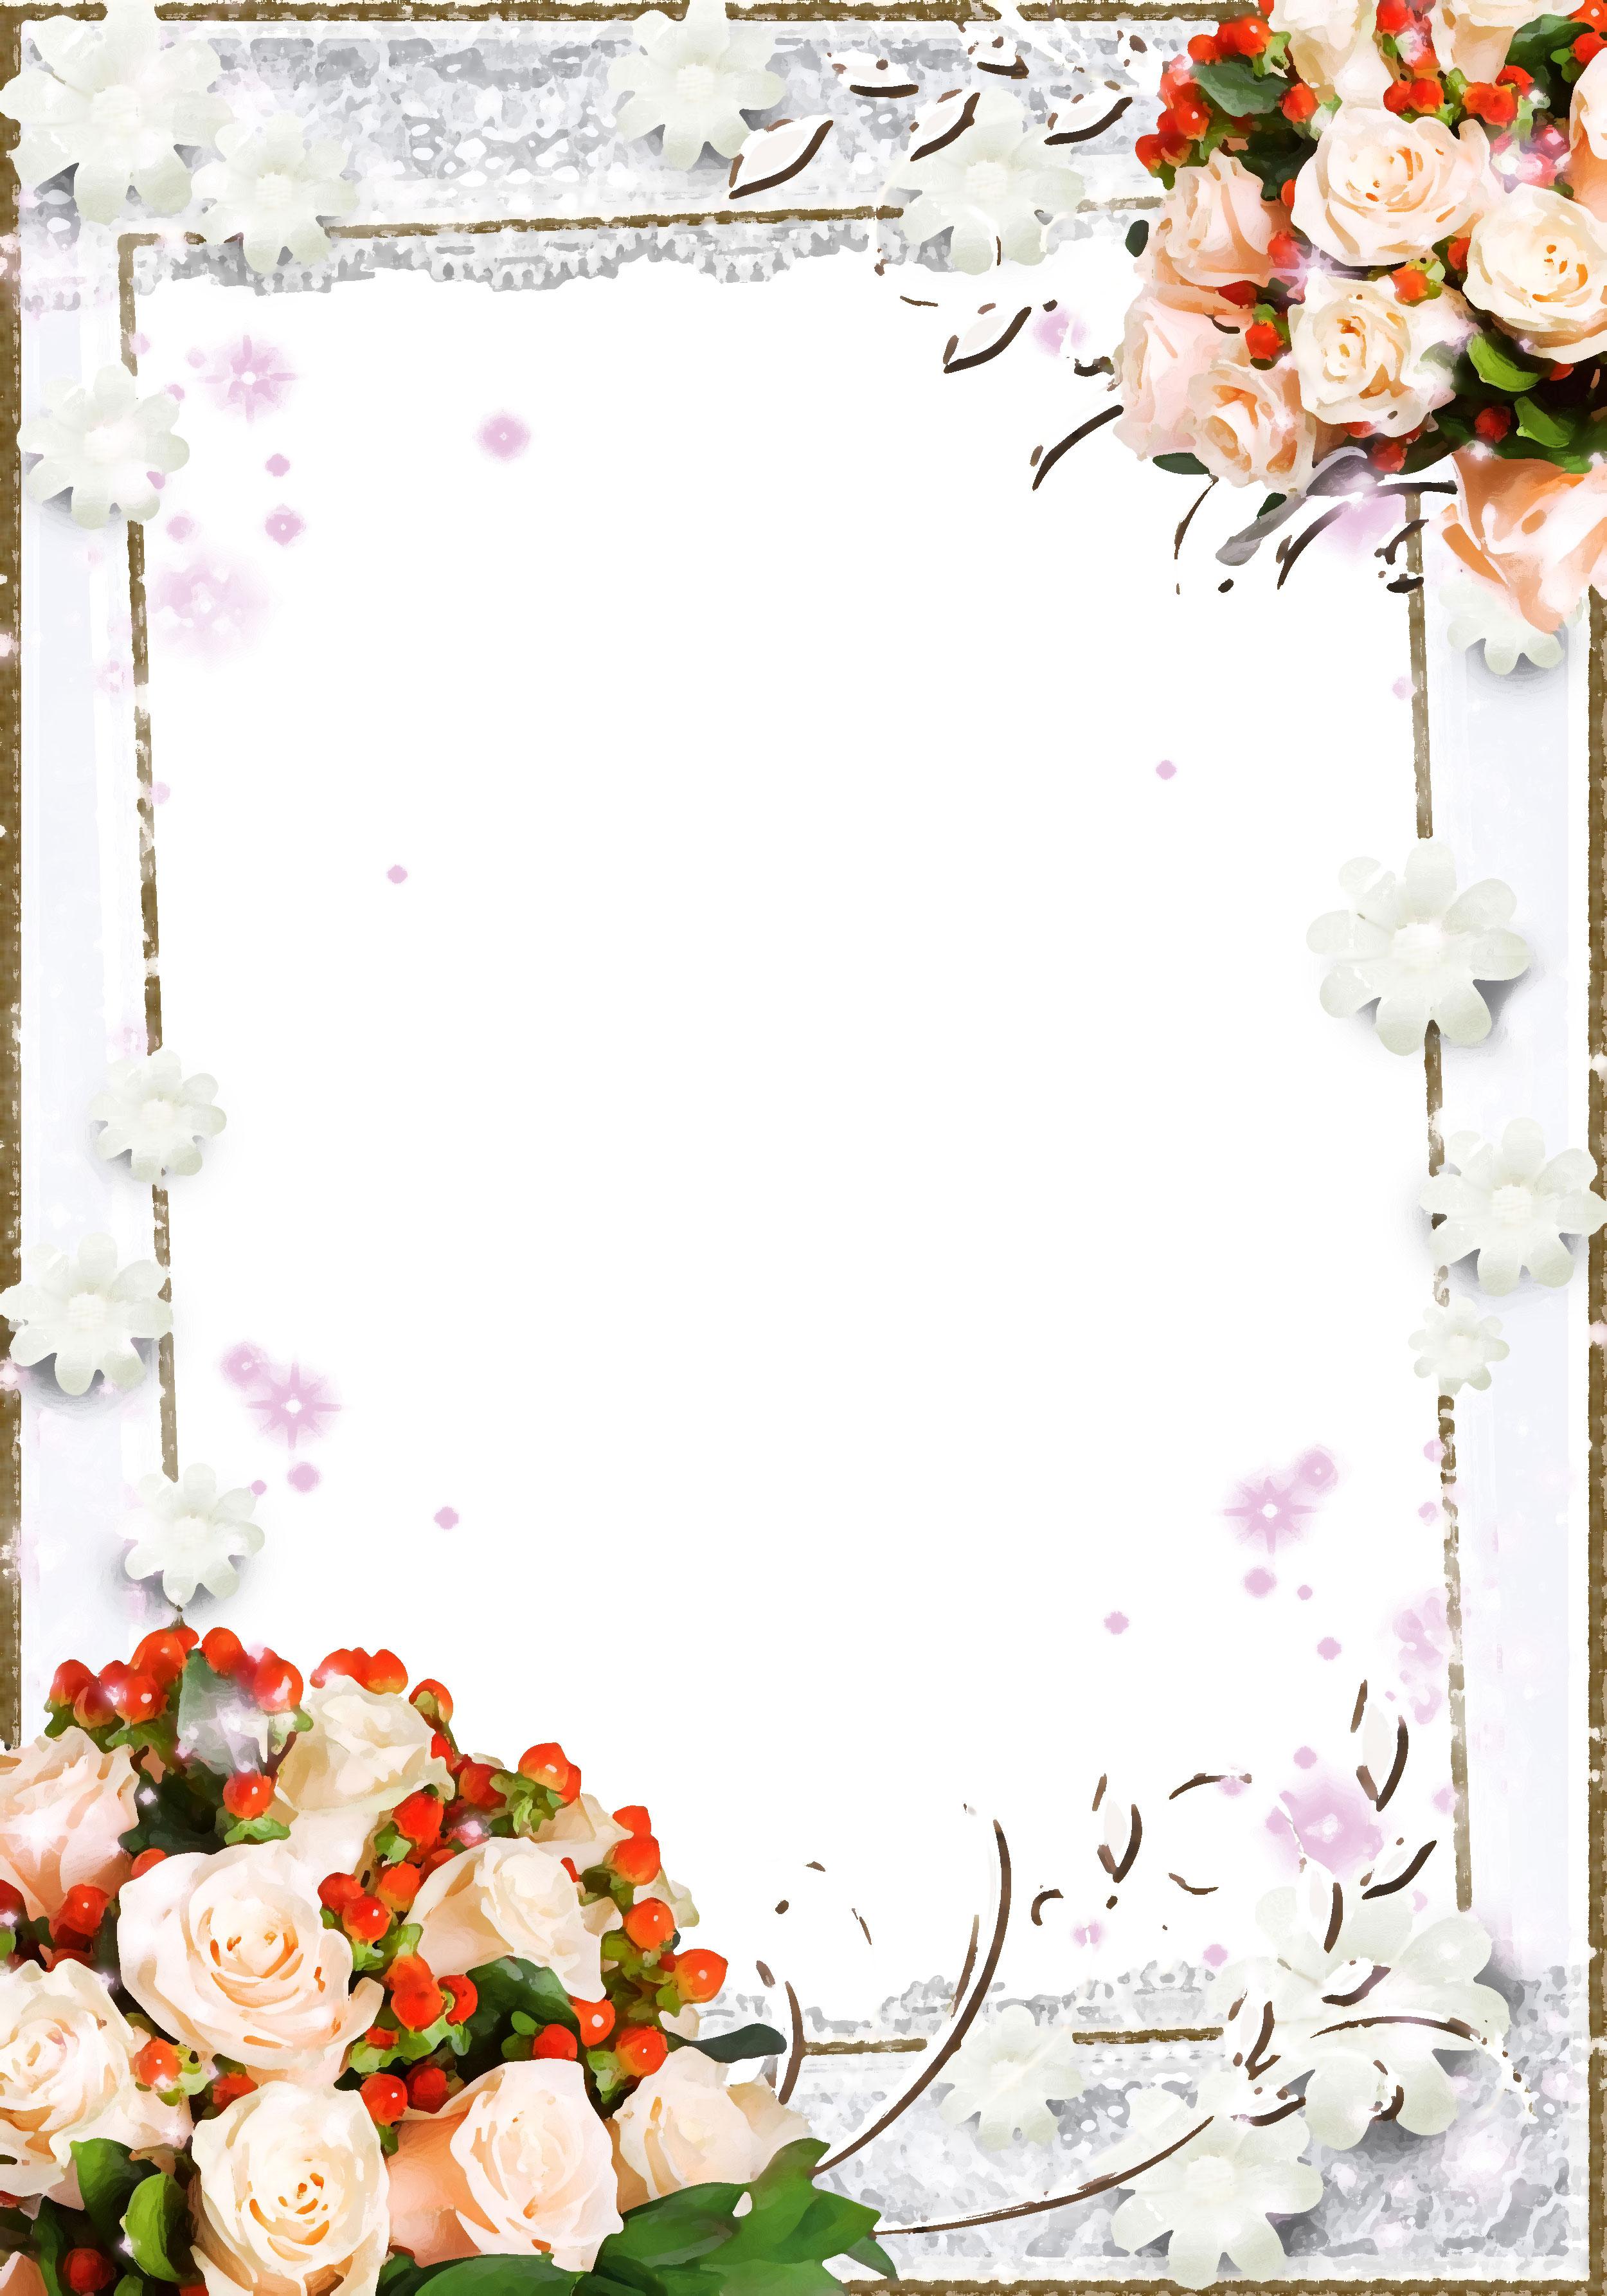 壁紙 背景イラスト 花のフレーム 外枠 No 106 白バラ 赤 光彩